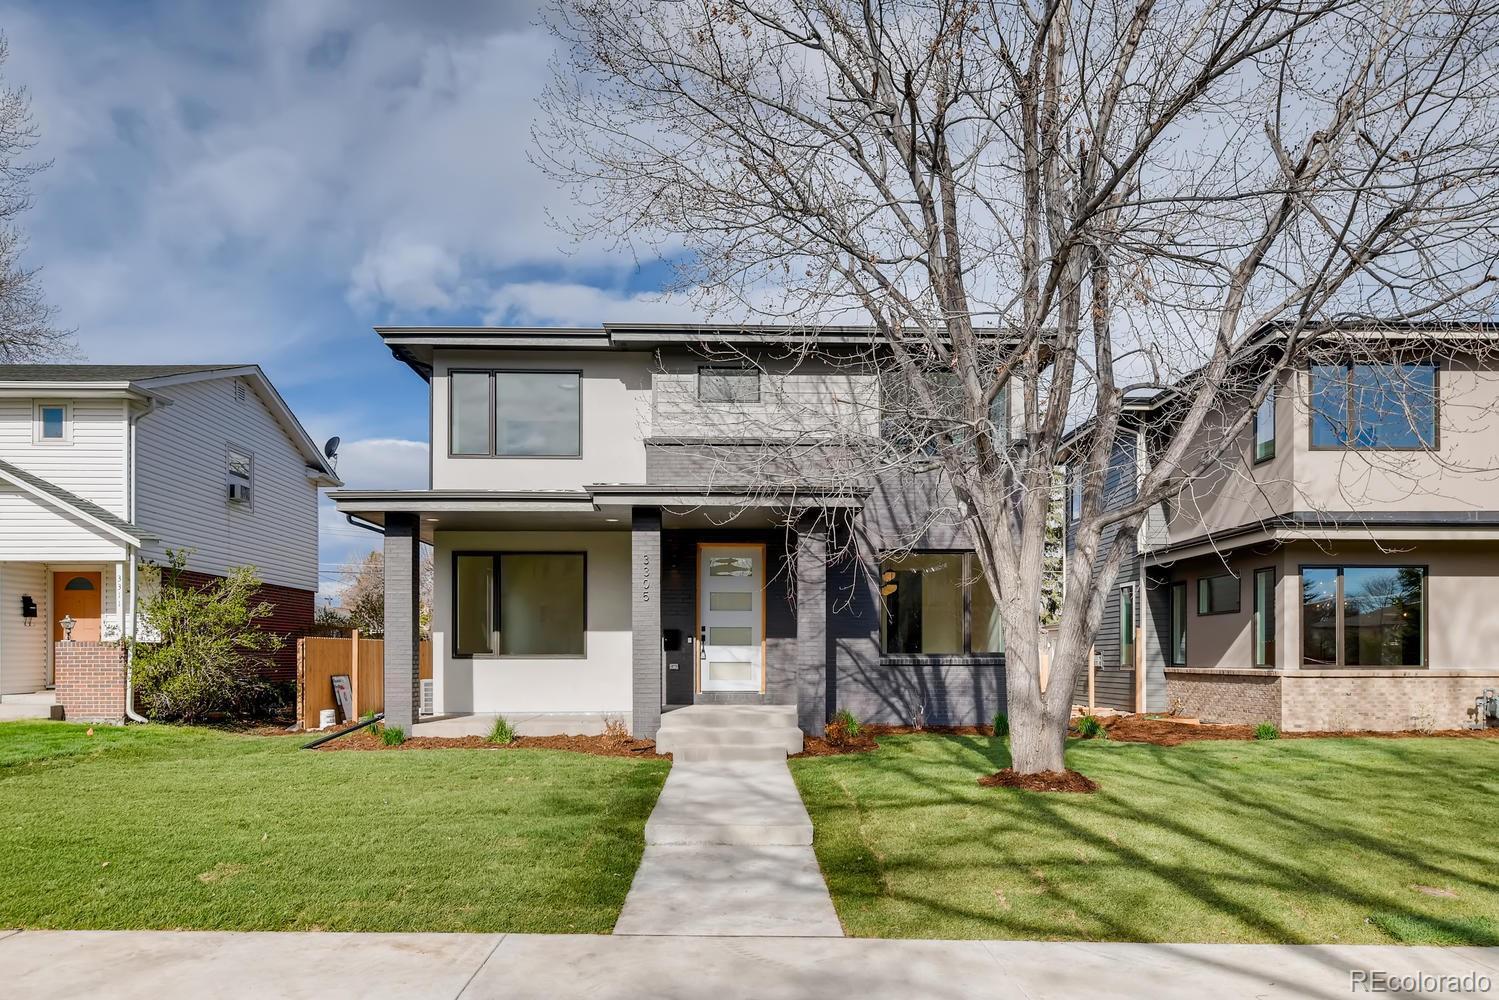 3305 S Bellaire Street, Denver, CO 80222 - Denver, CO real estate listing